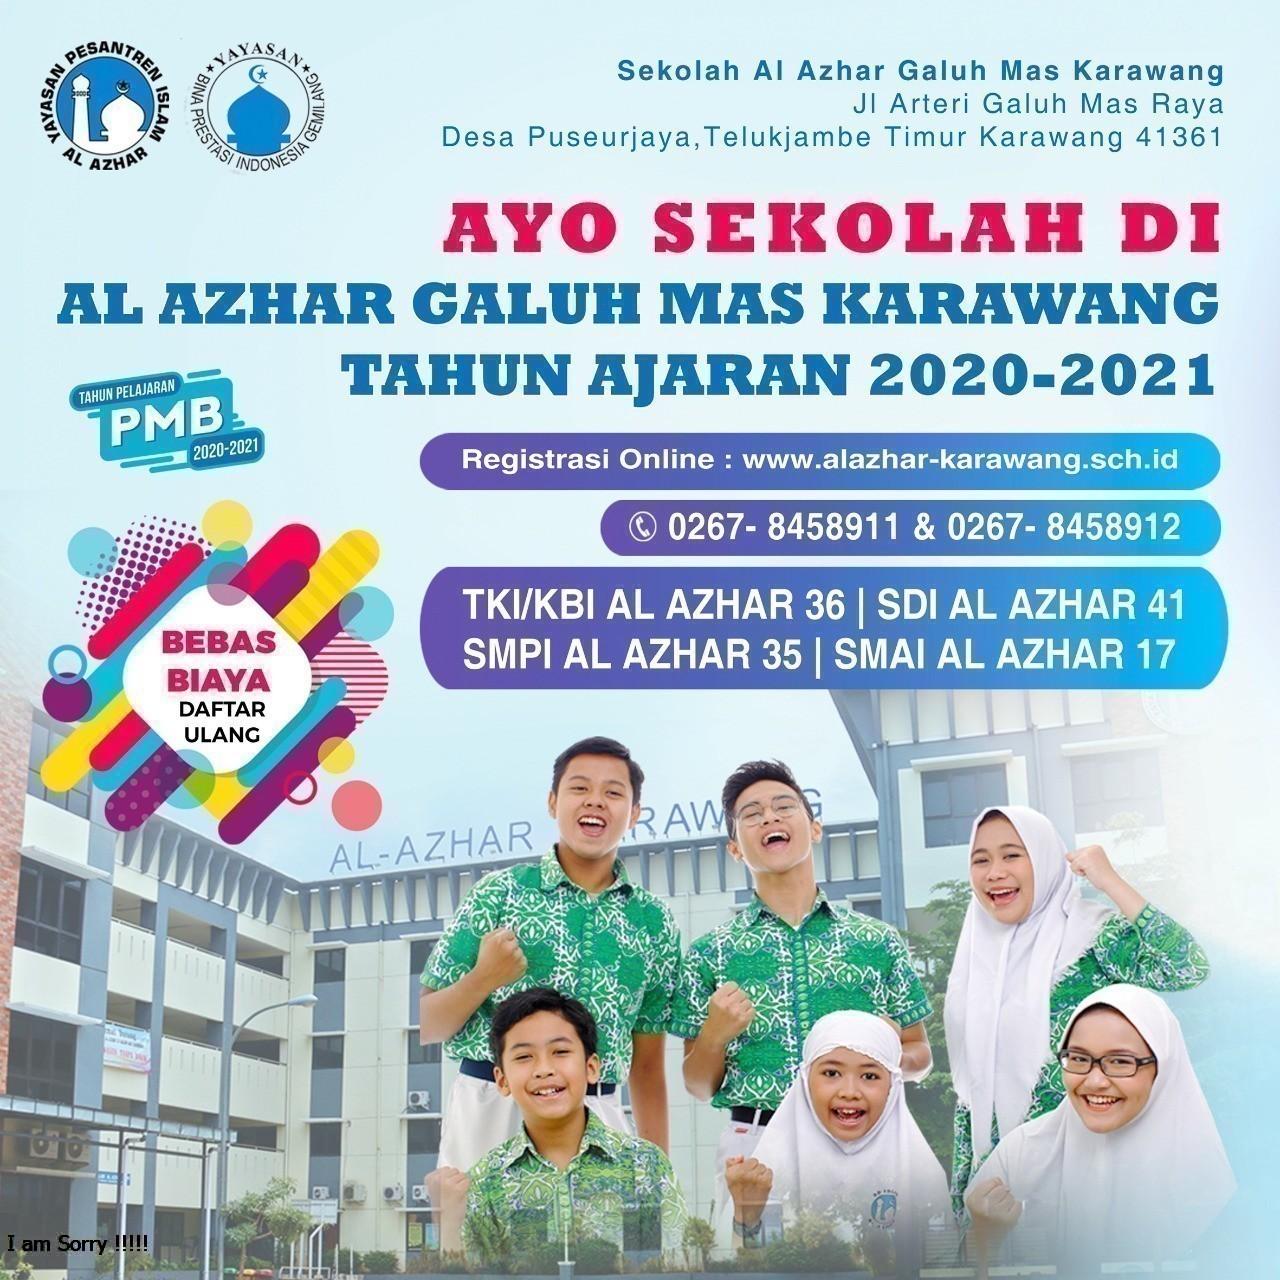 Sekolah Al Azhar Galuh Mas Karawang